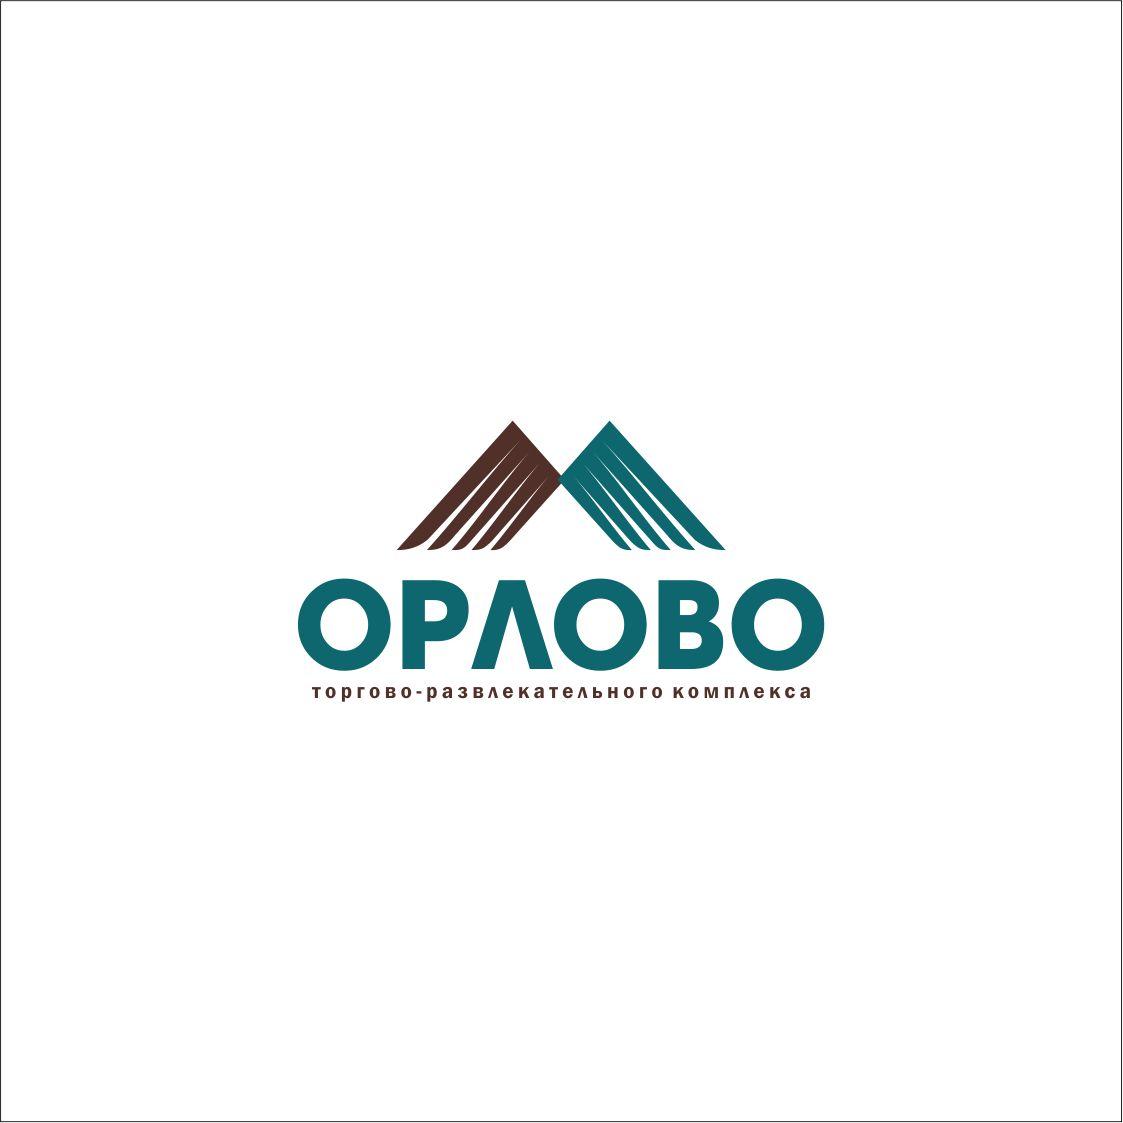 Разработка логотипа для Торгово-развлекательного комплекса фото f_1575972e3eabe9d3.jpg